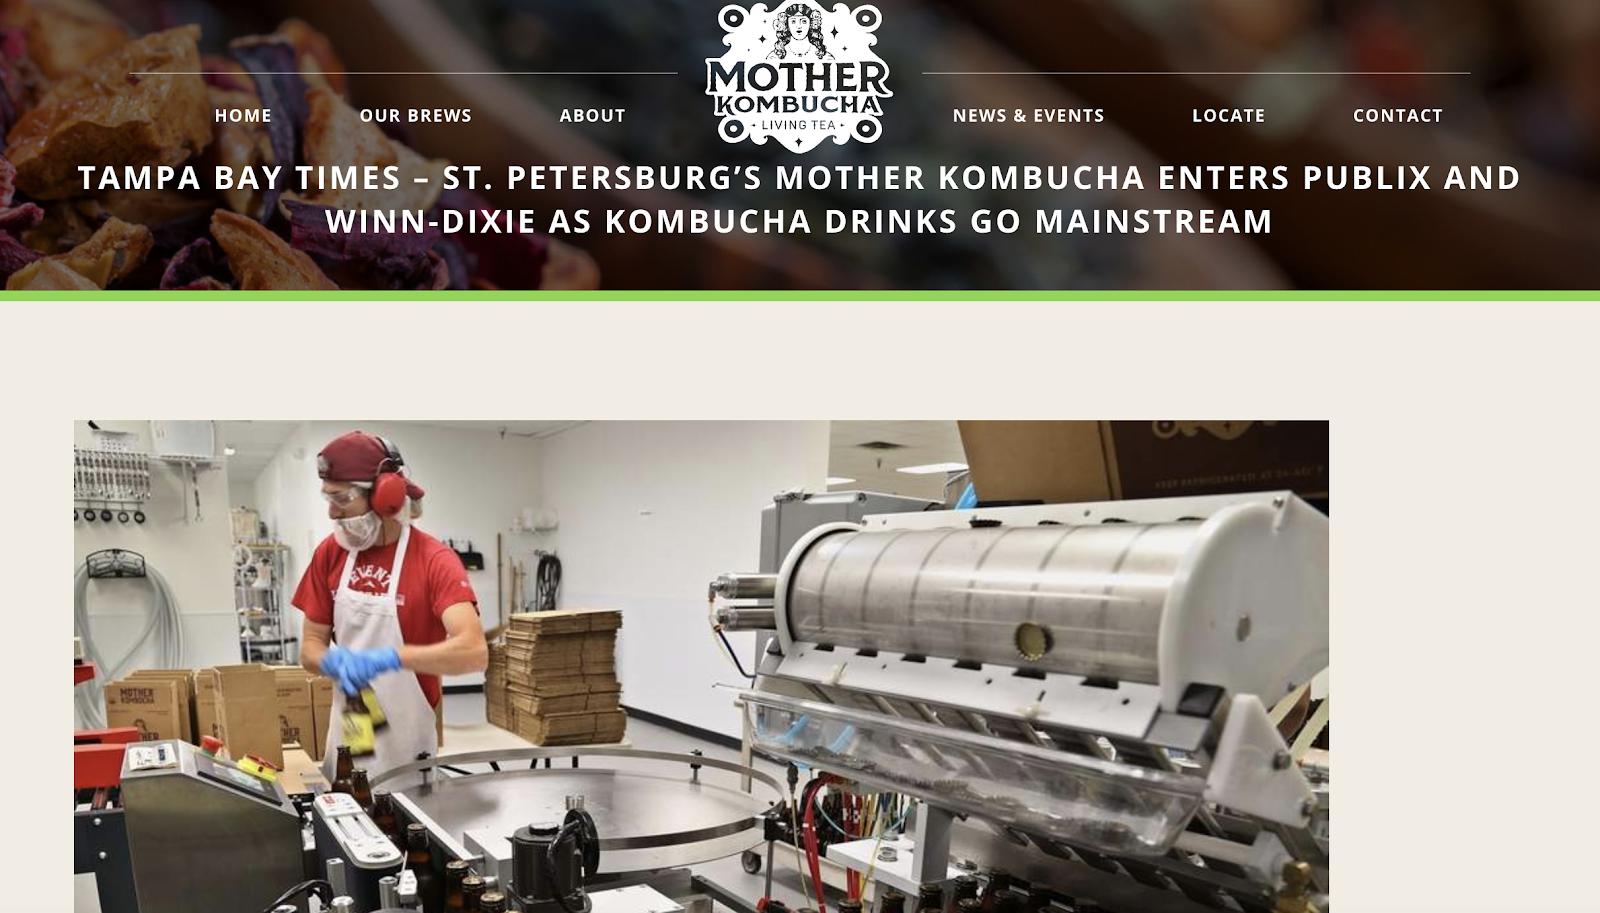 Mother Kombucha New Store